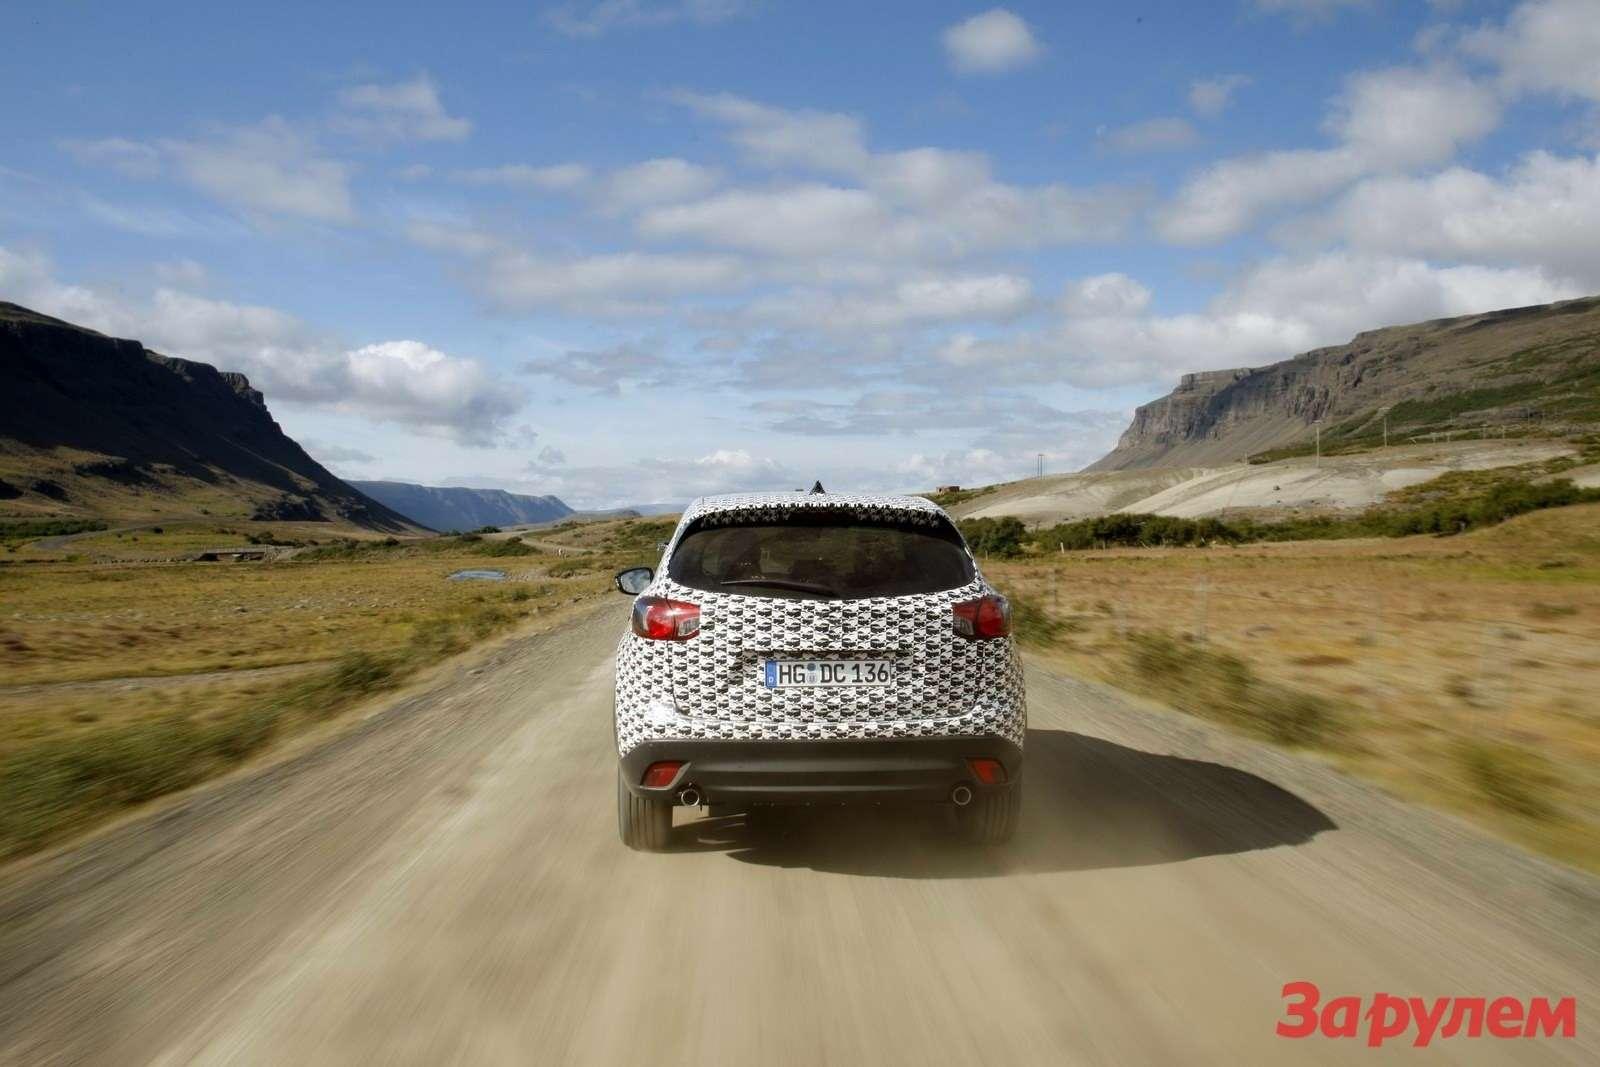 Mazda_CX5_Prot_2011_action_15__jpg300